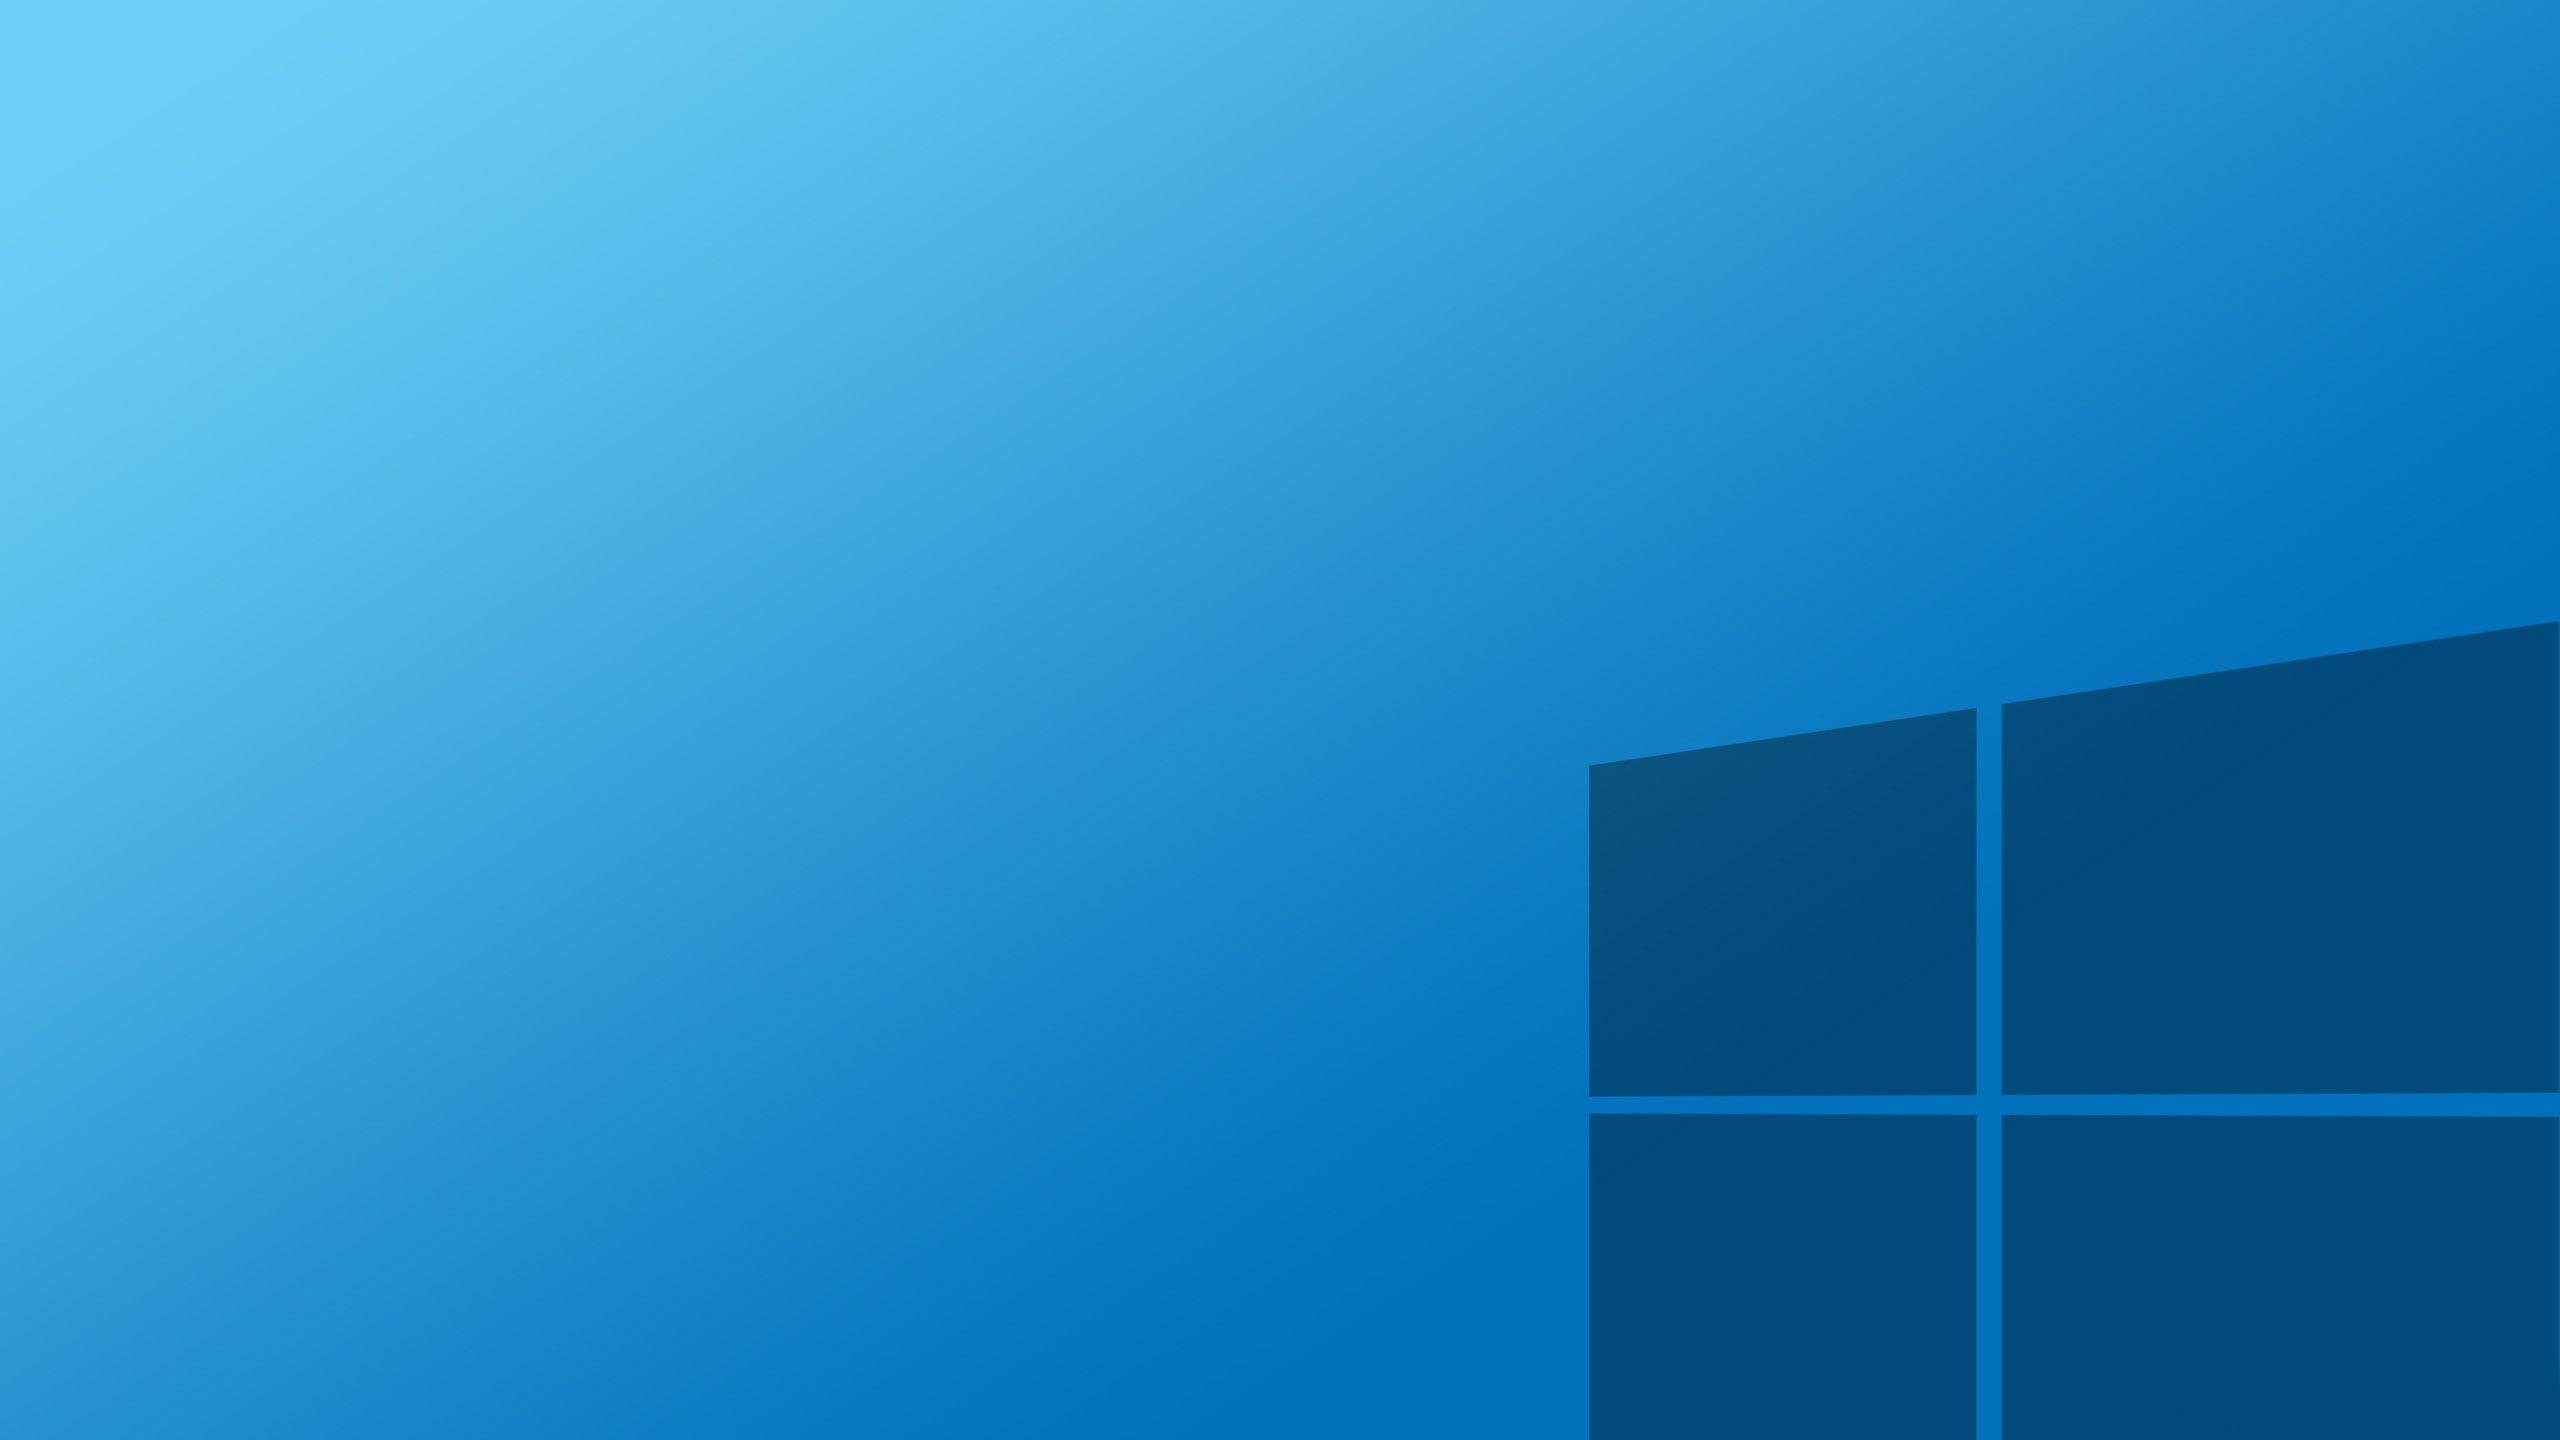 windows 7 desktop computer  Best Buy